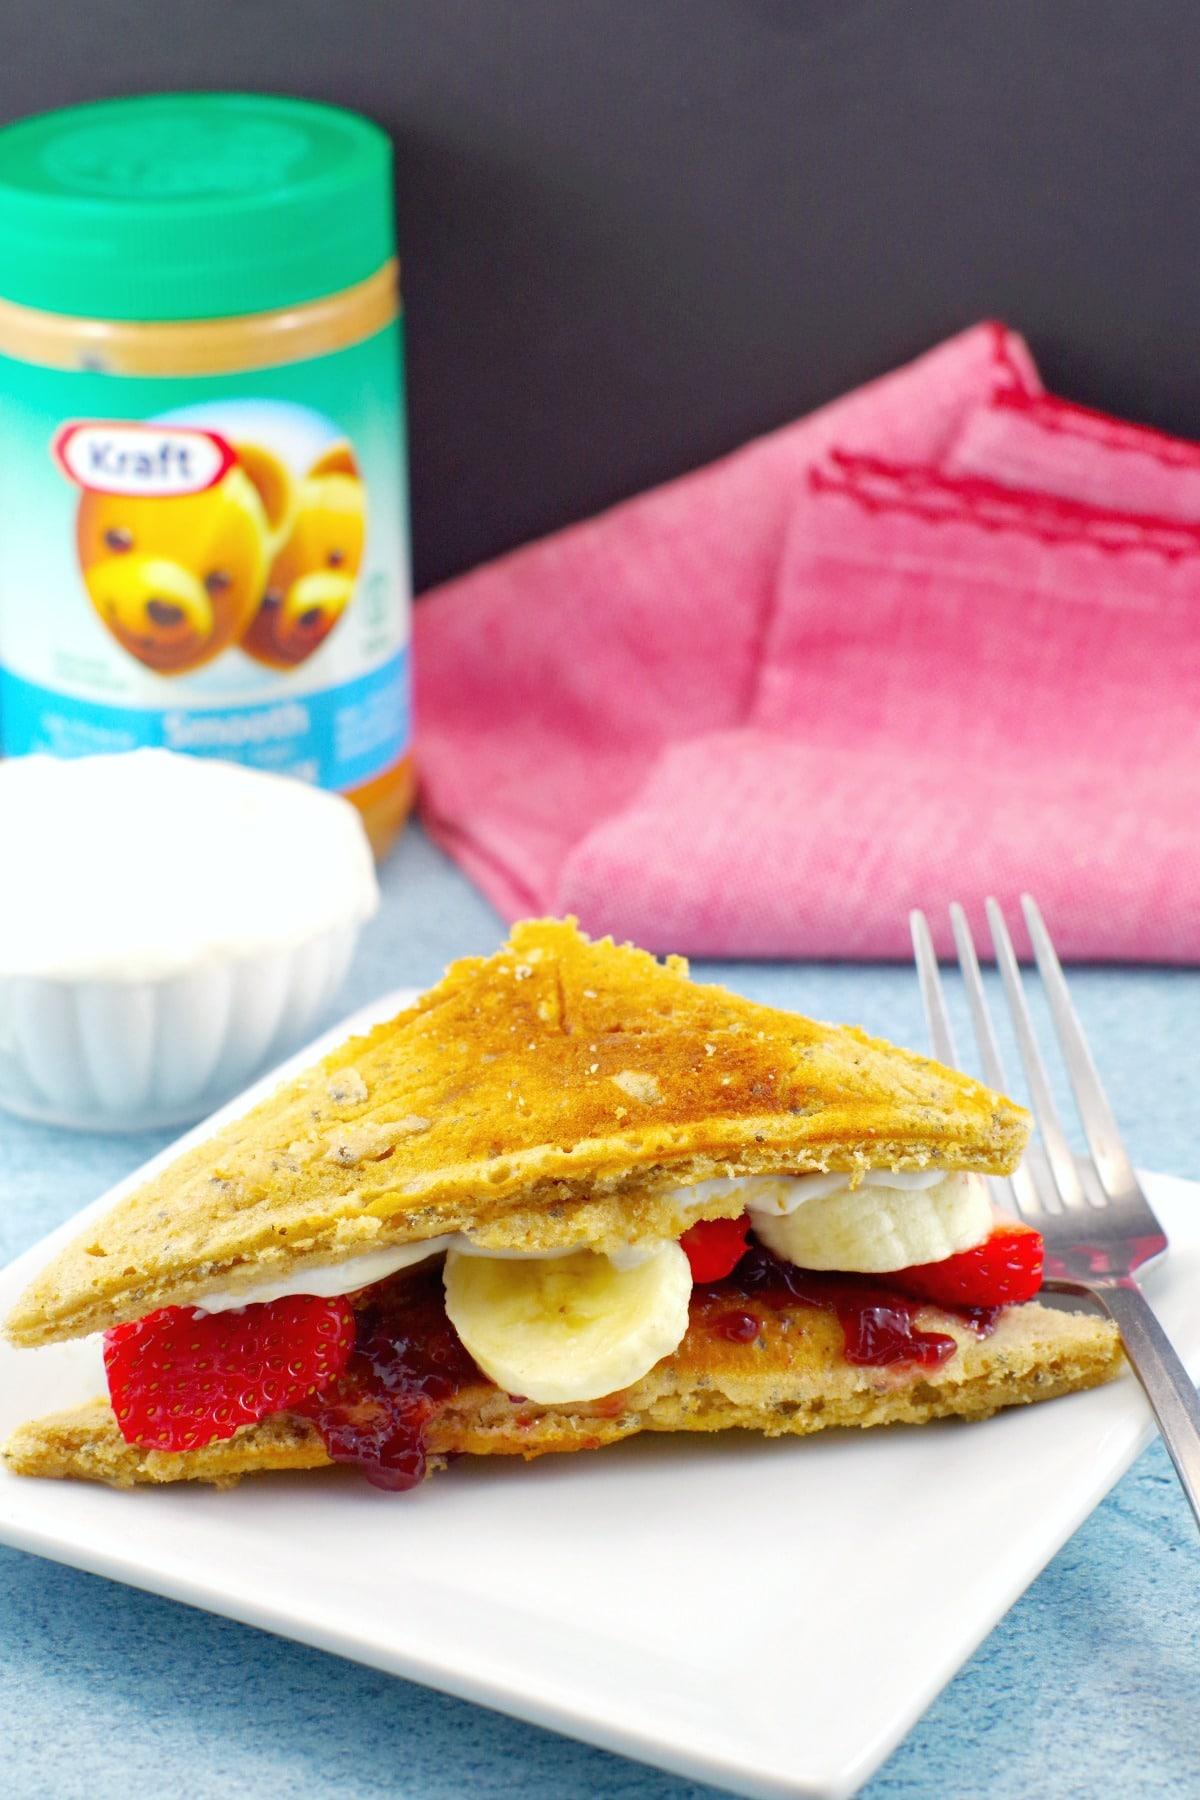 Pancake Breakfast Sandwich | Peanut butter & Jam - foodmeanderings.com